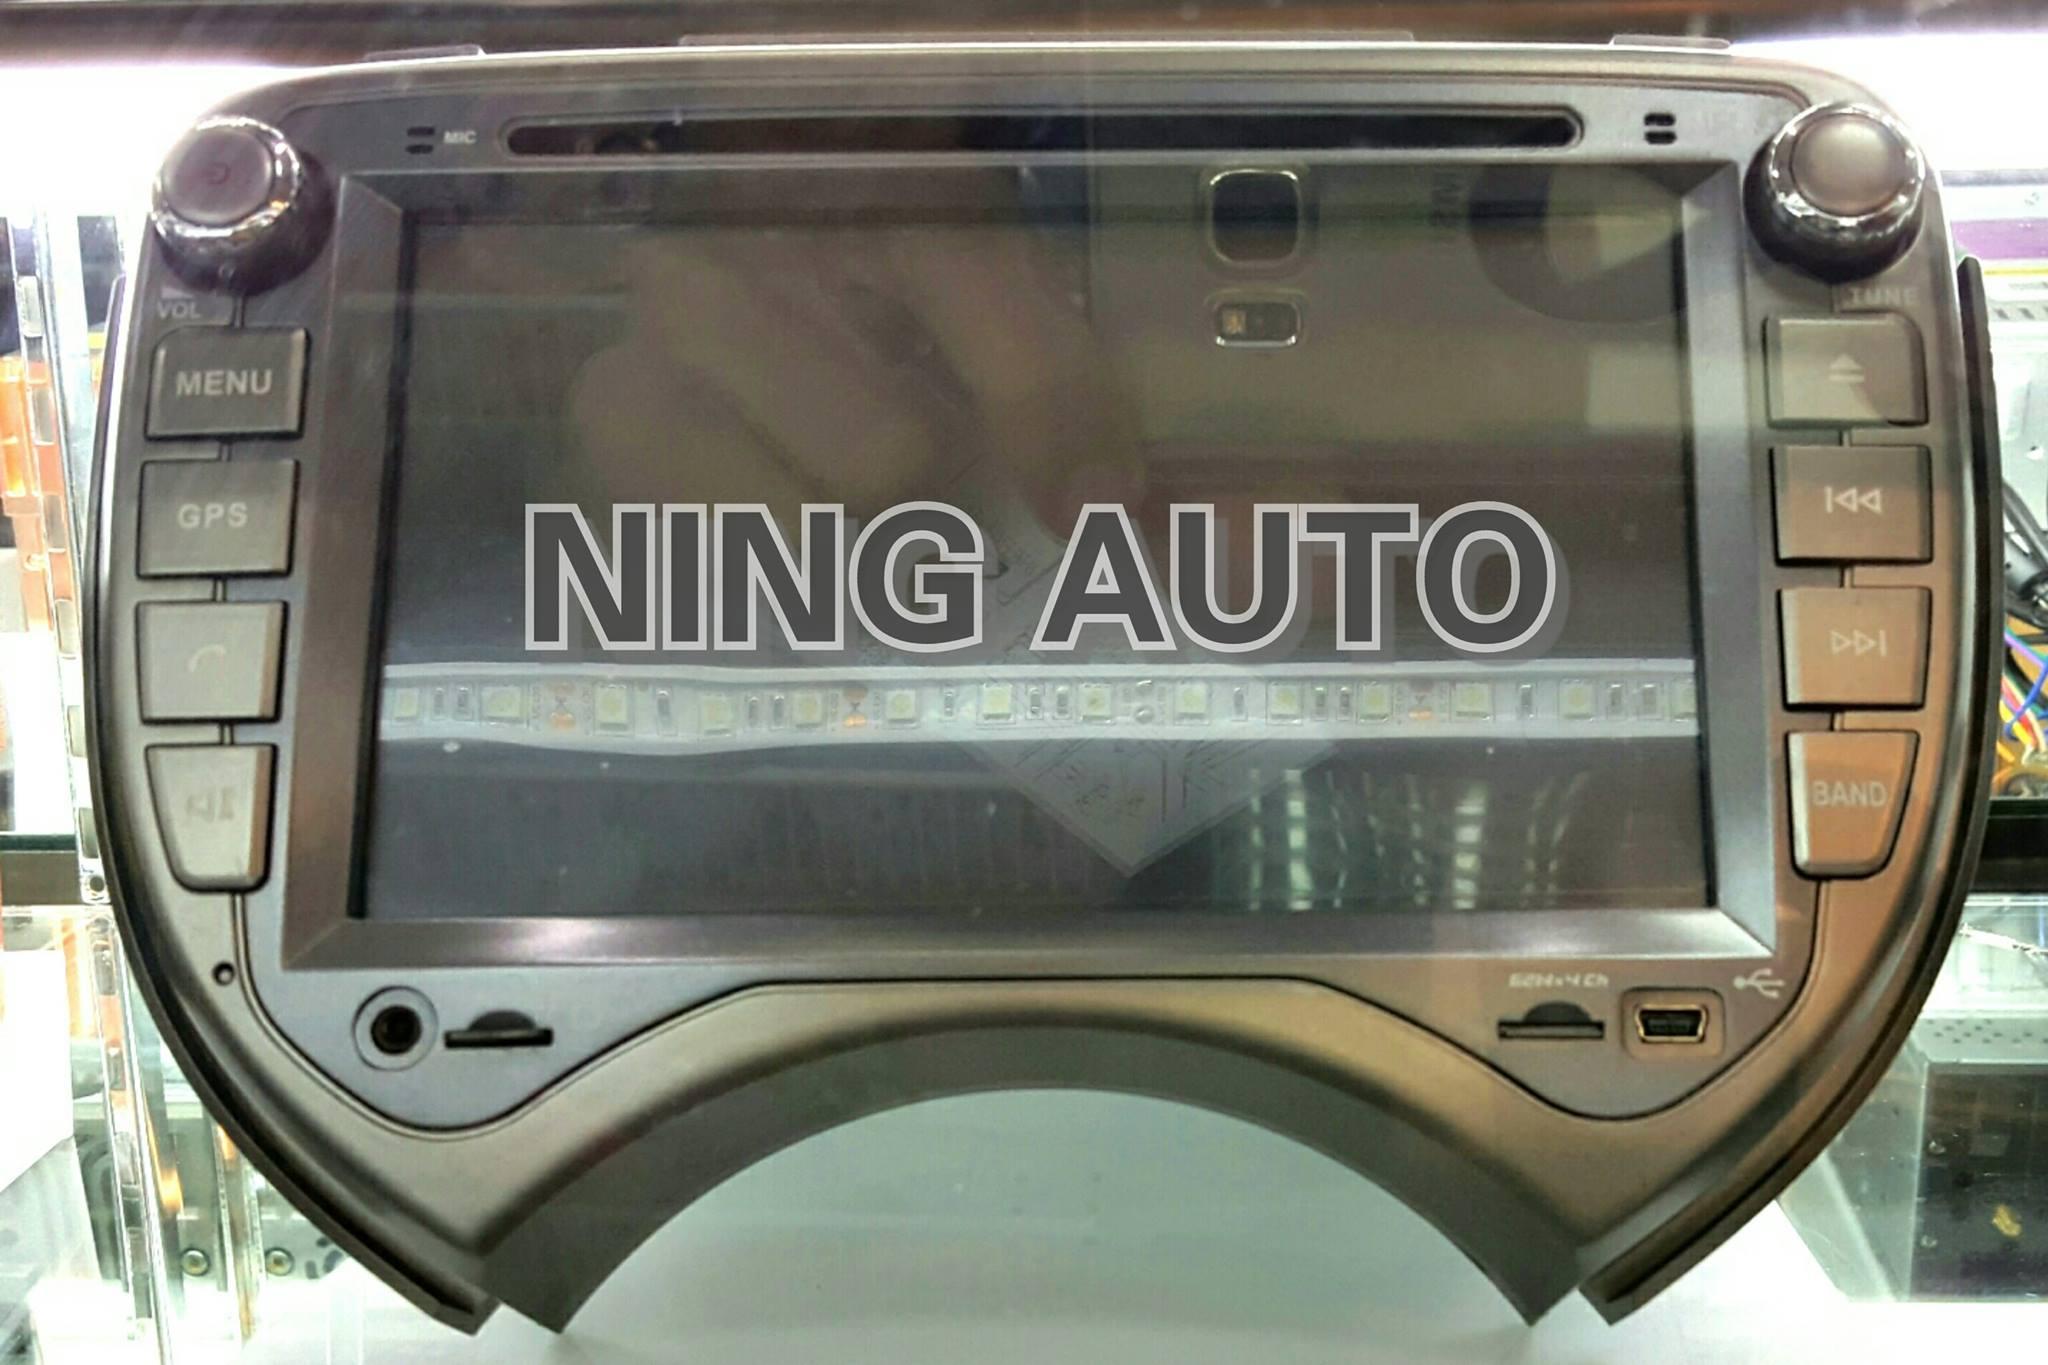 วิทยุติดรถยนต์ตรงรุ่น PRIORITY Nissan March